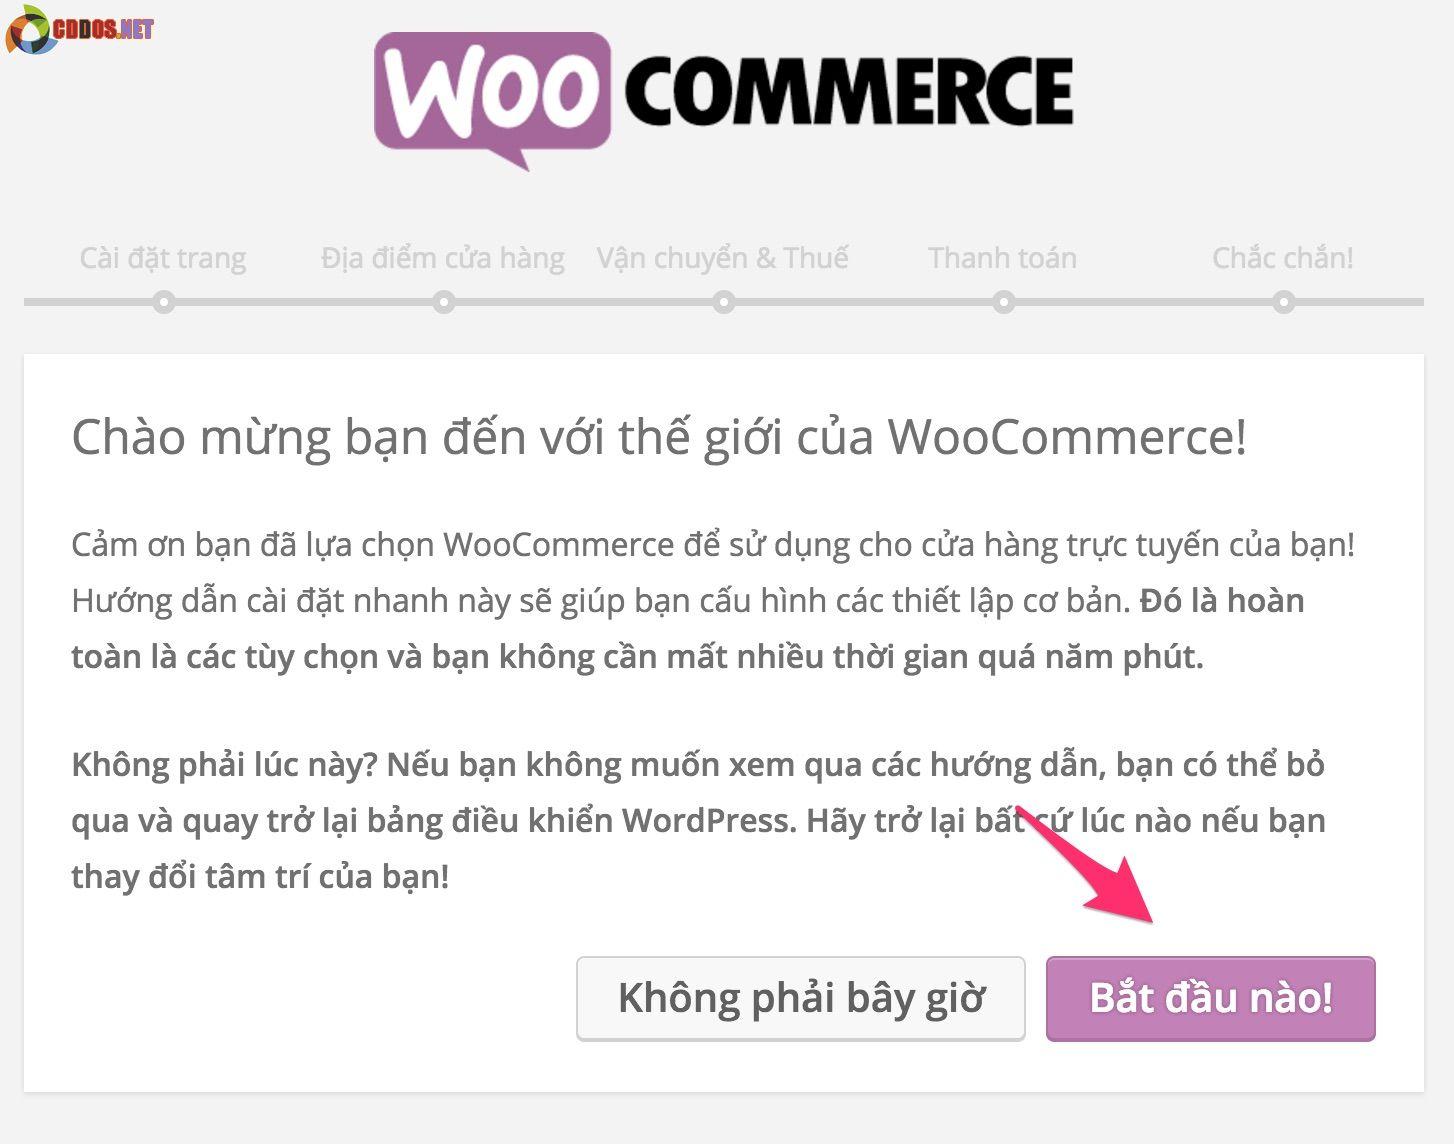 Cài đặt bản dịch và thiết lập cho Woocommerce